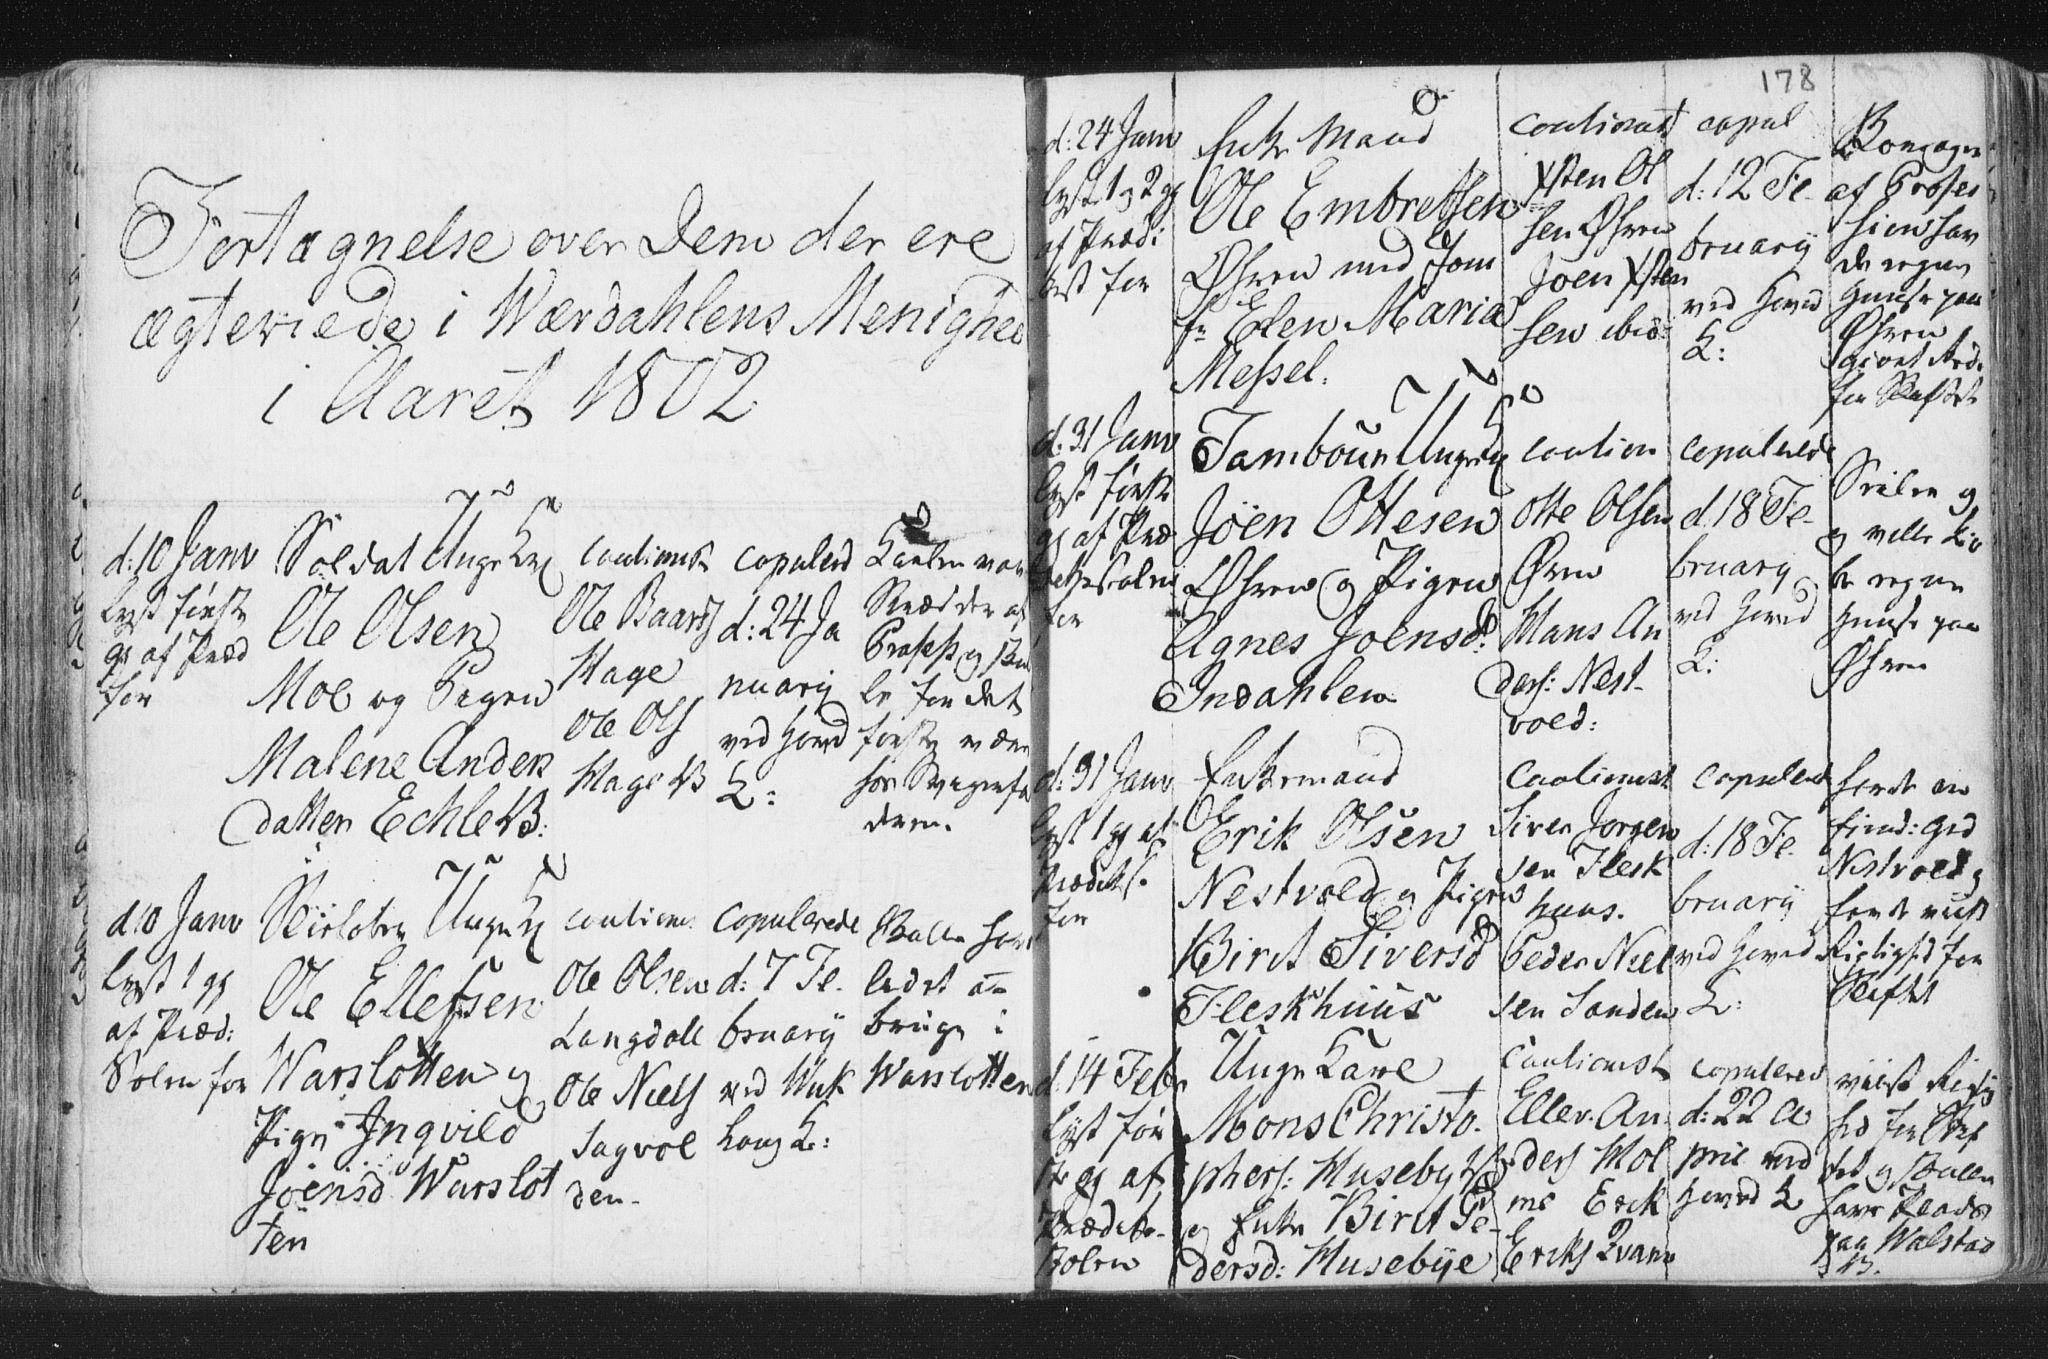 SAT, Ministerialprotokoller, klokkerbøker og fødselsregistre - Nord-Trøndelag, 723/L0232: Ministerialbok nr. 723A03, 1781-1804, s. 178